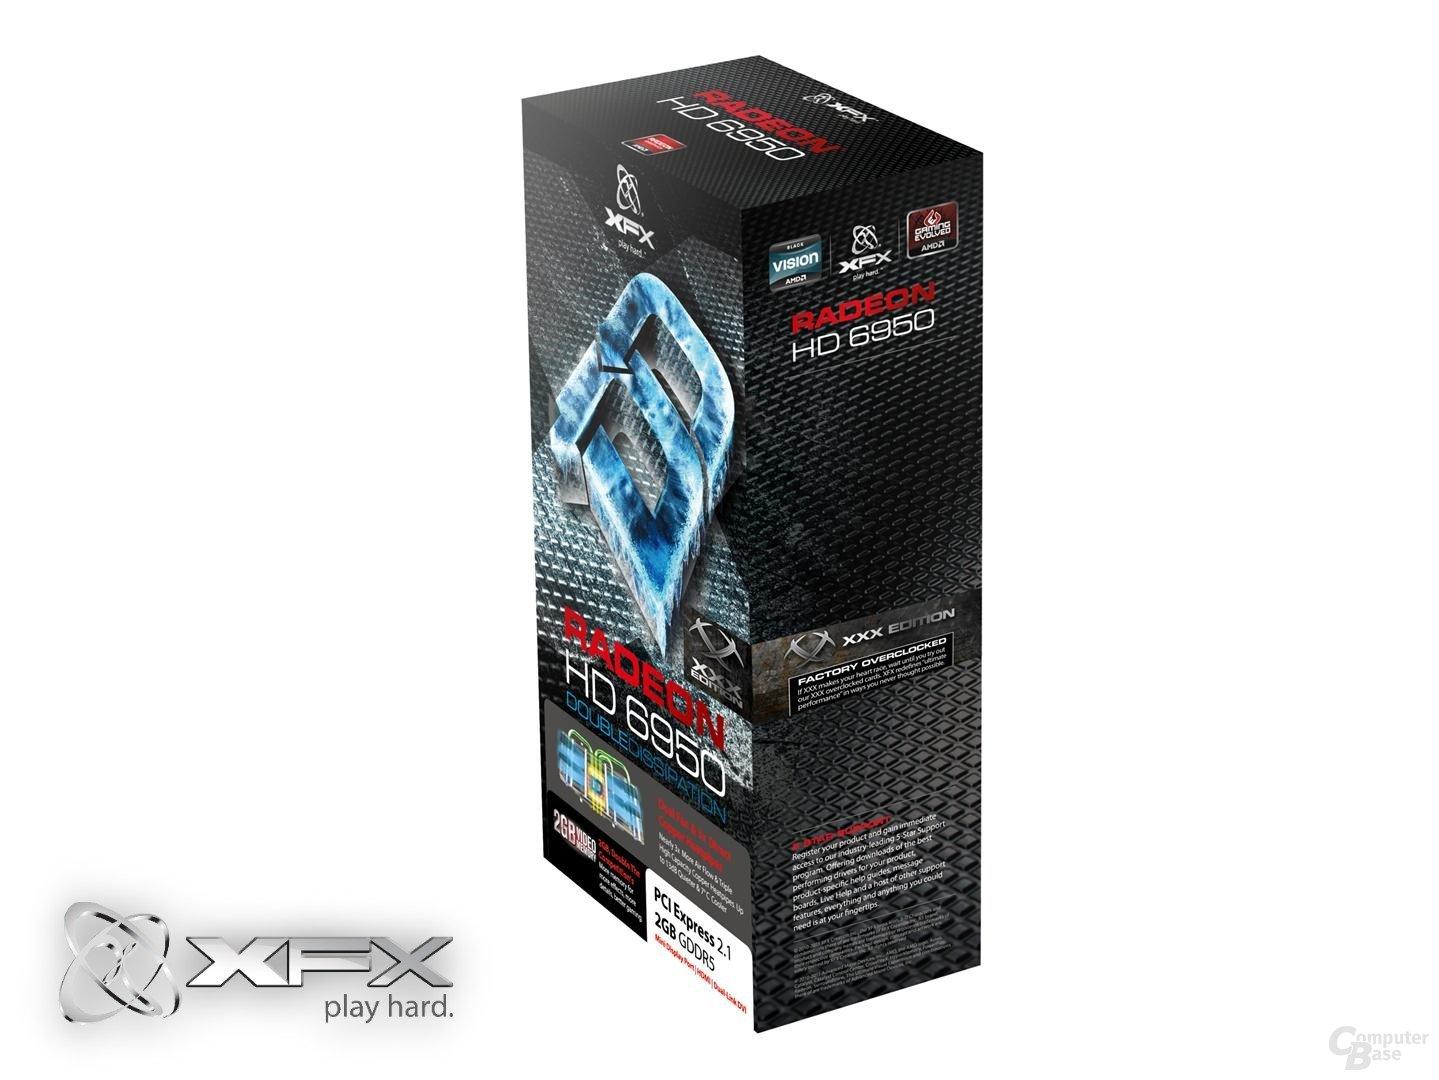 Radeon HD 6950 XXX